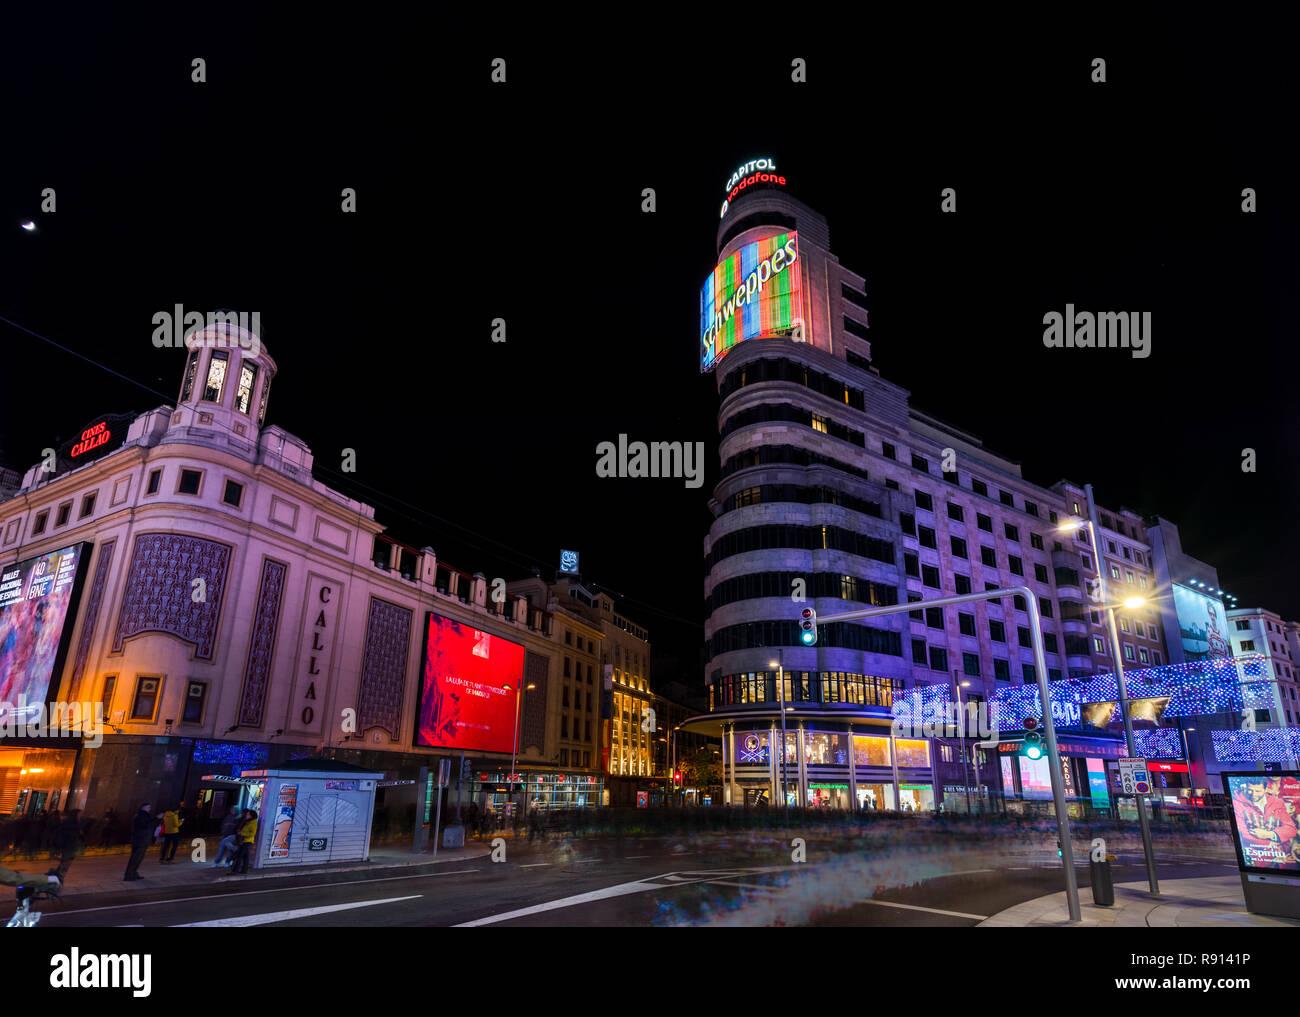 Madrid, Spanien - Dezember 2018: Gran Via mit der schweppes Zeichen in der Nacht von Weihnachten Leuchten Stockbild